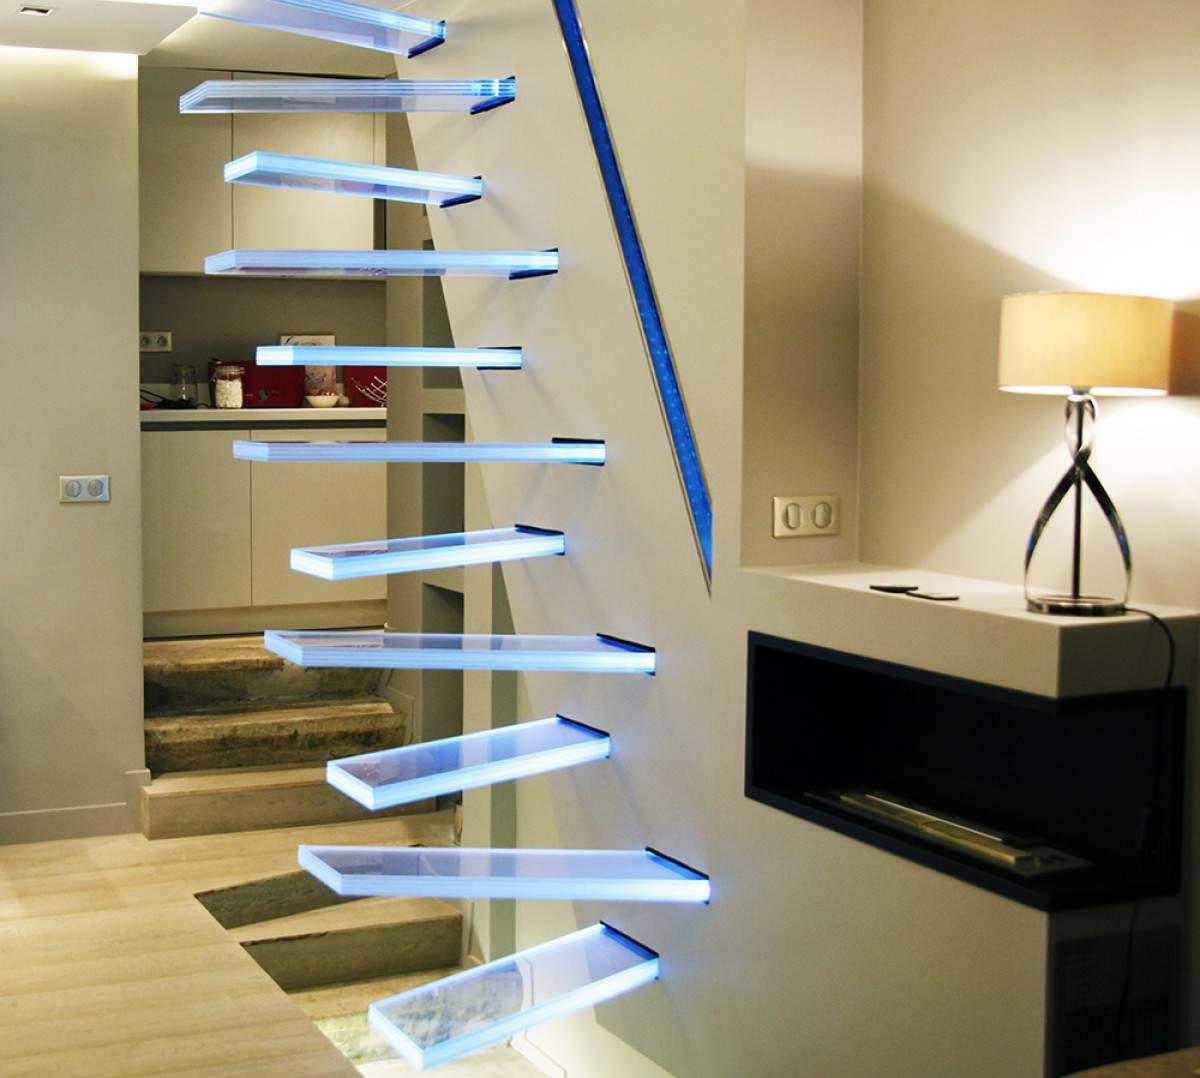 Escalier en verre par Frederic HAMERLAK | DECO-DESIGN